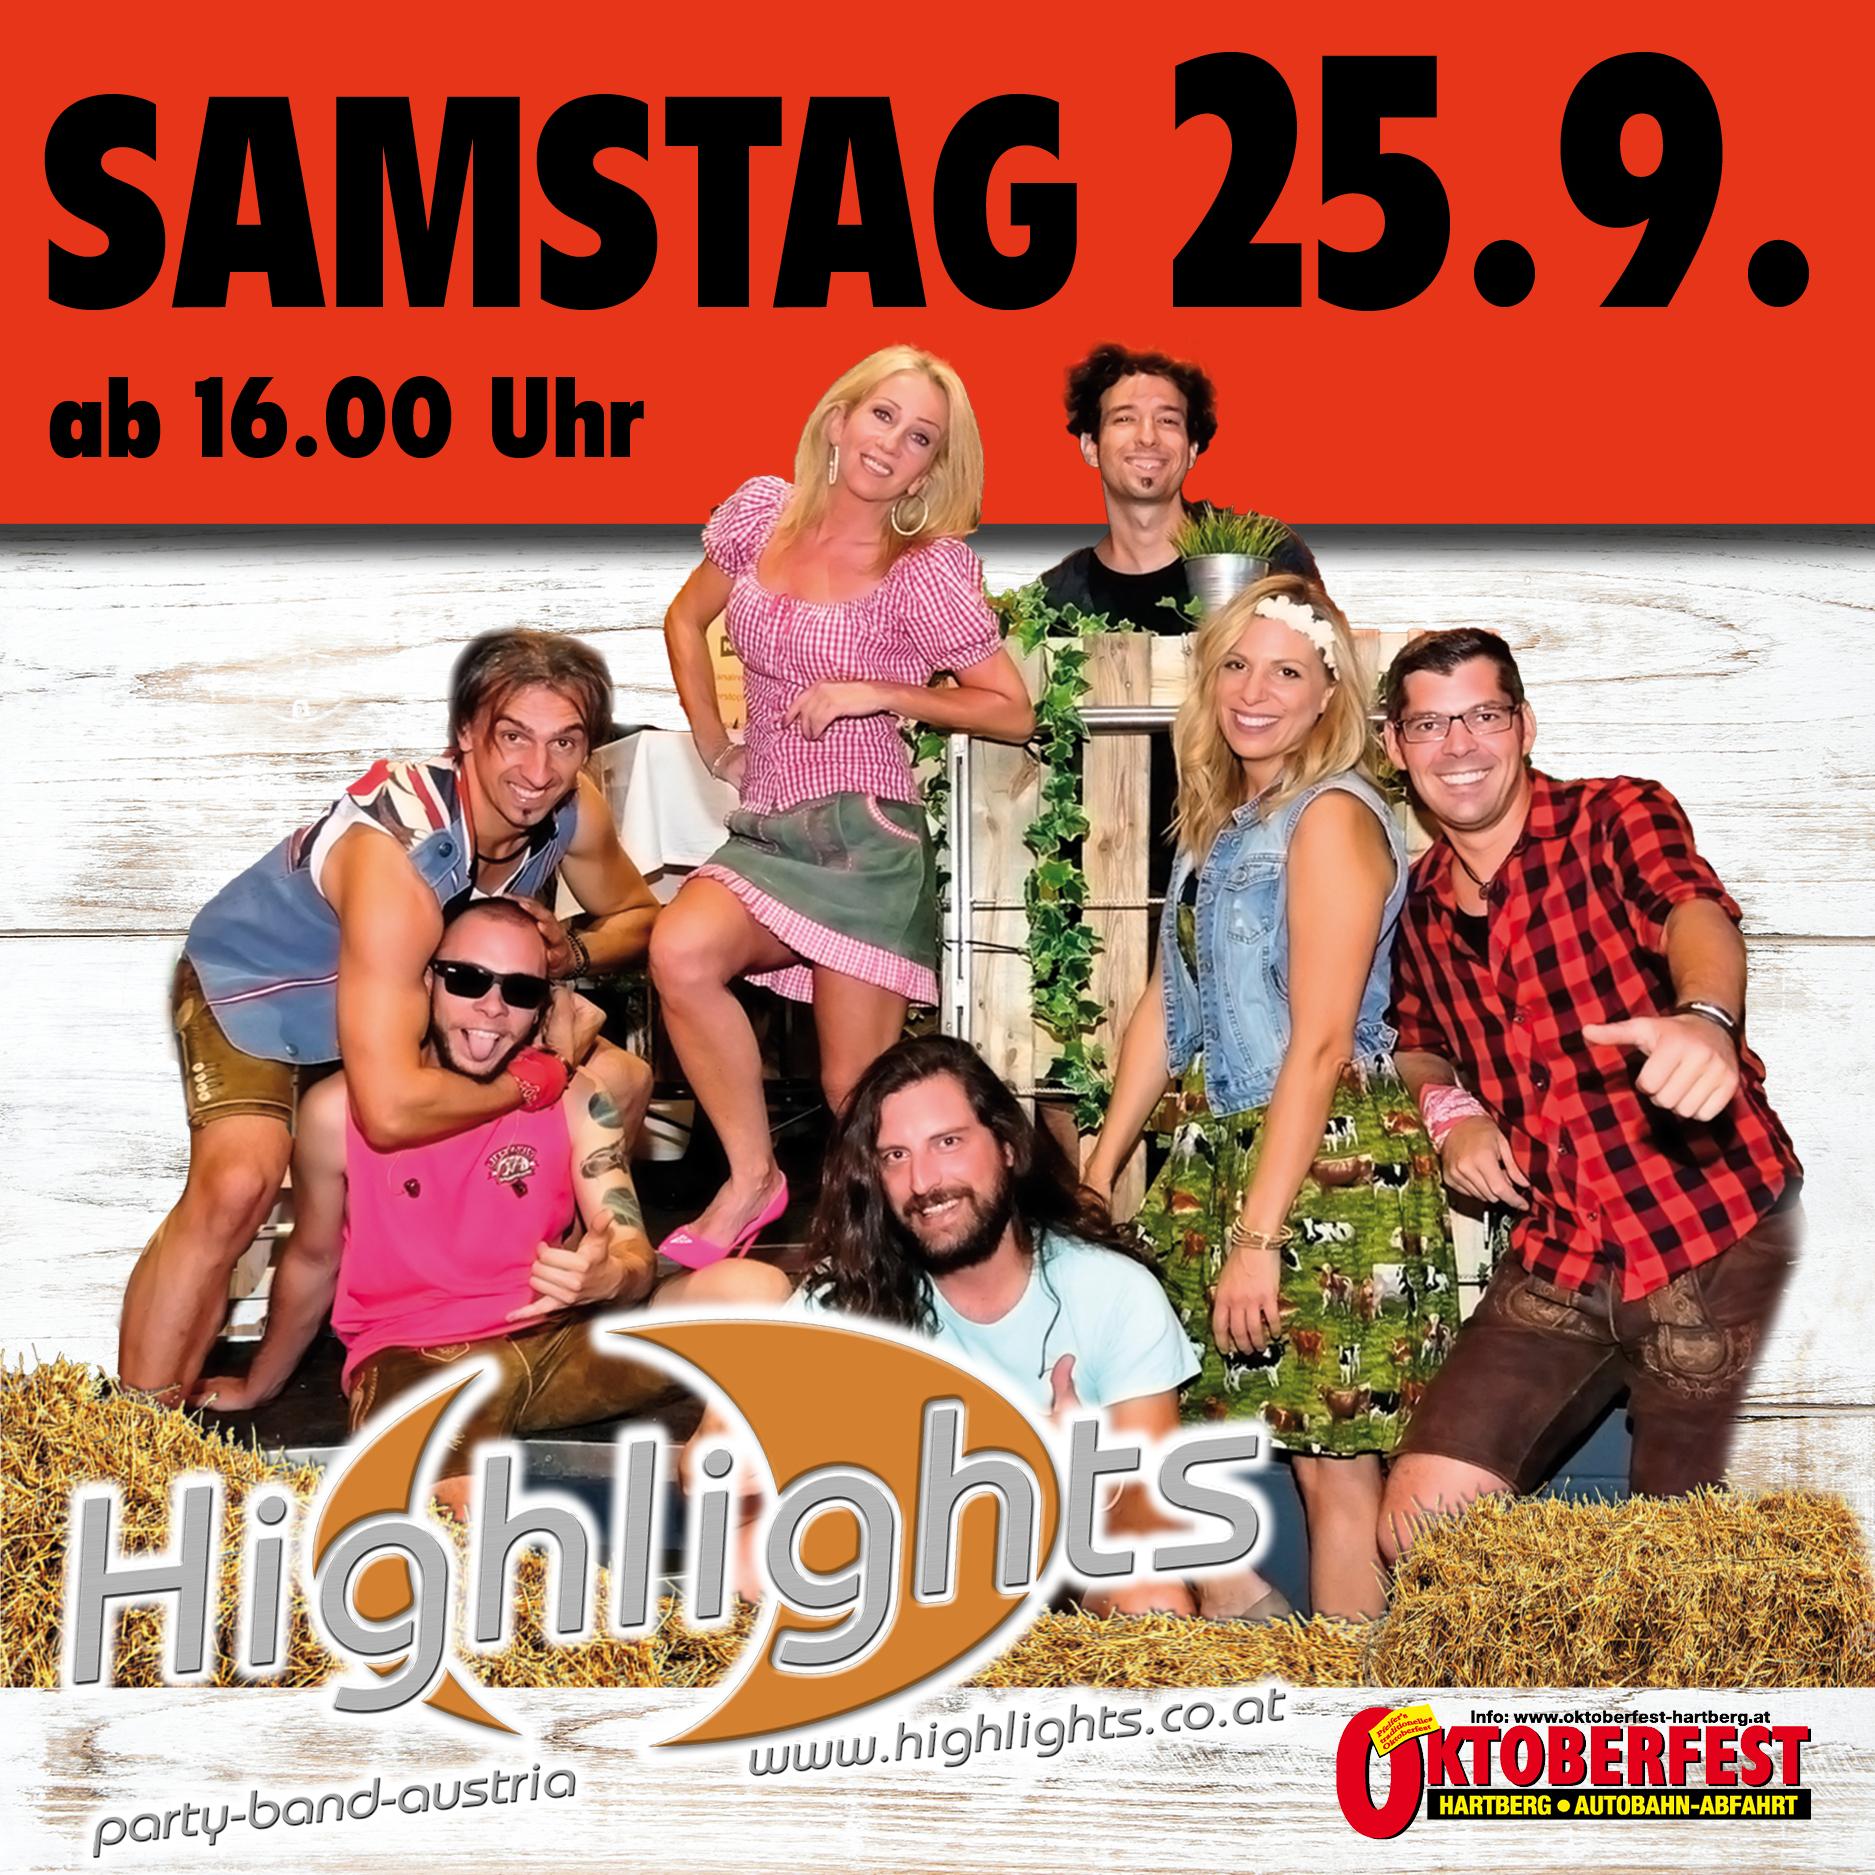 Oktober Fest Hartberg 25.09.2021